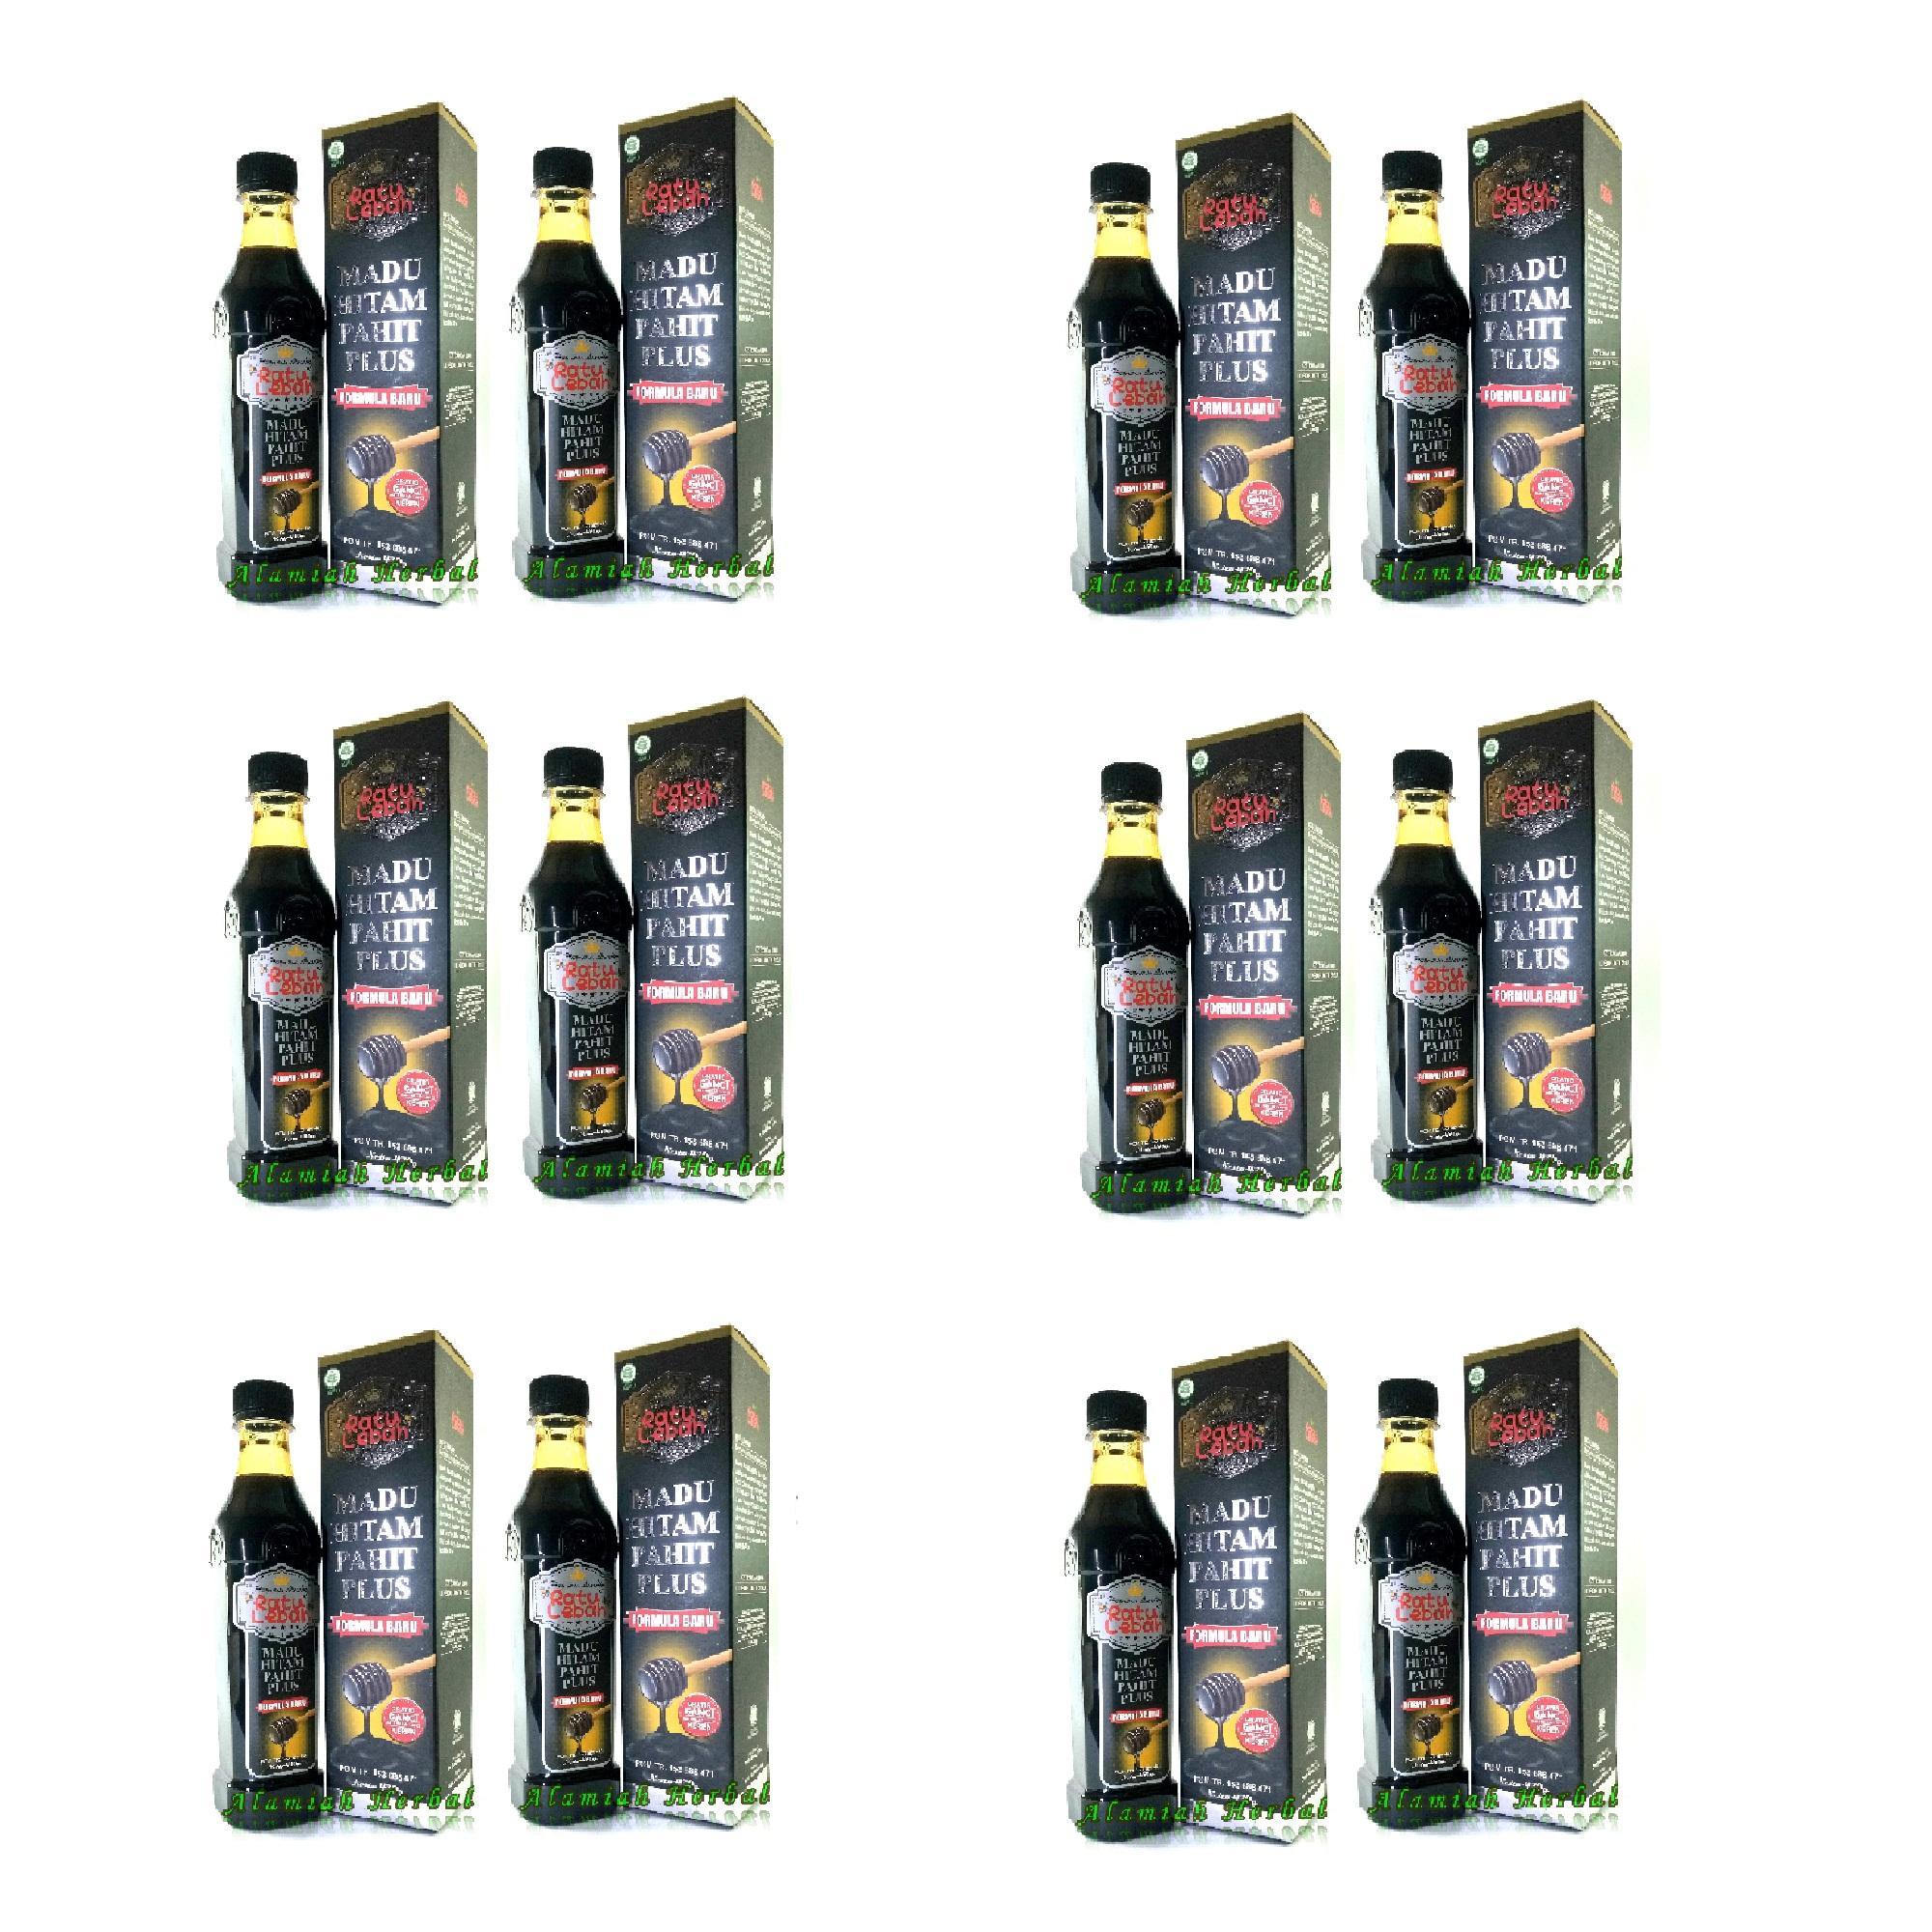 Jual Produk Ratu Online Terbaru Di Madu Hitam Pahit Lebah Propolis 1karton 12 Botol 470gr